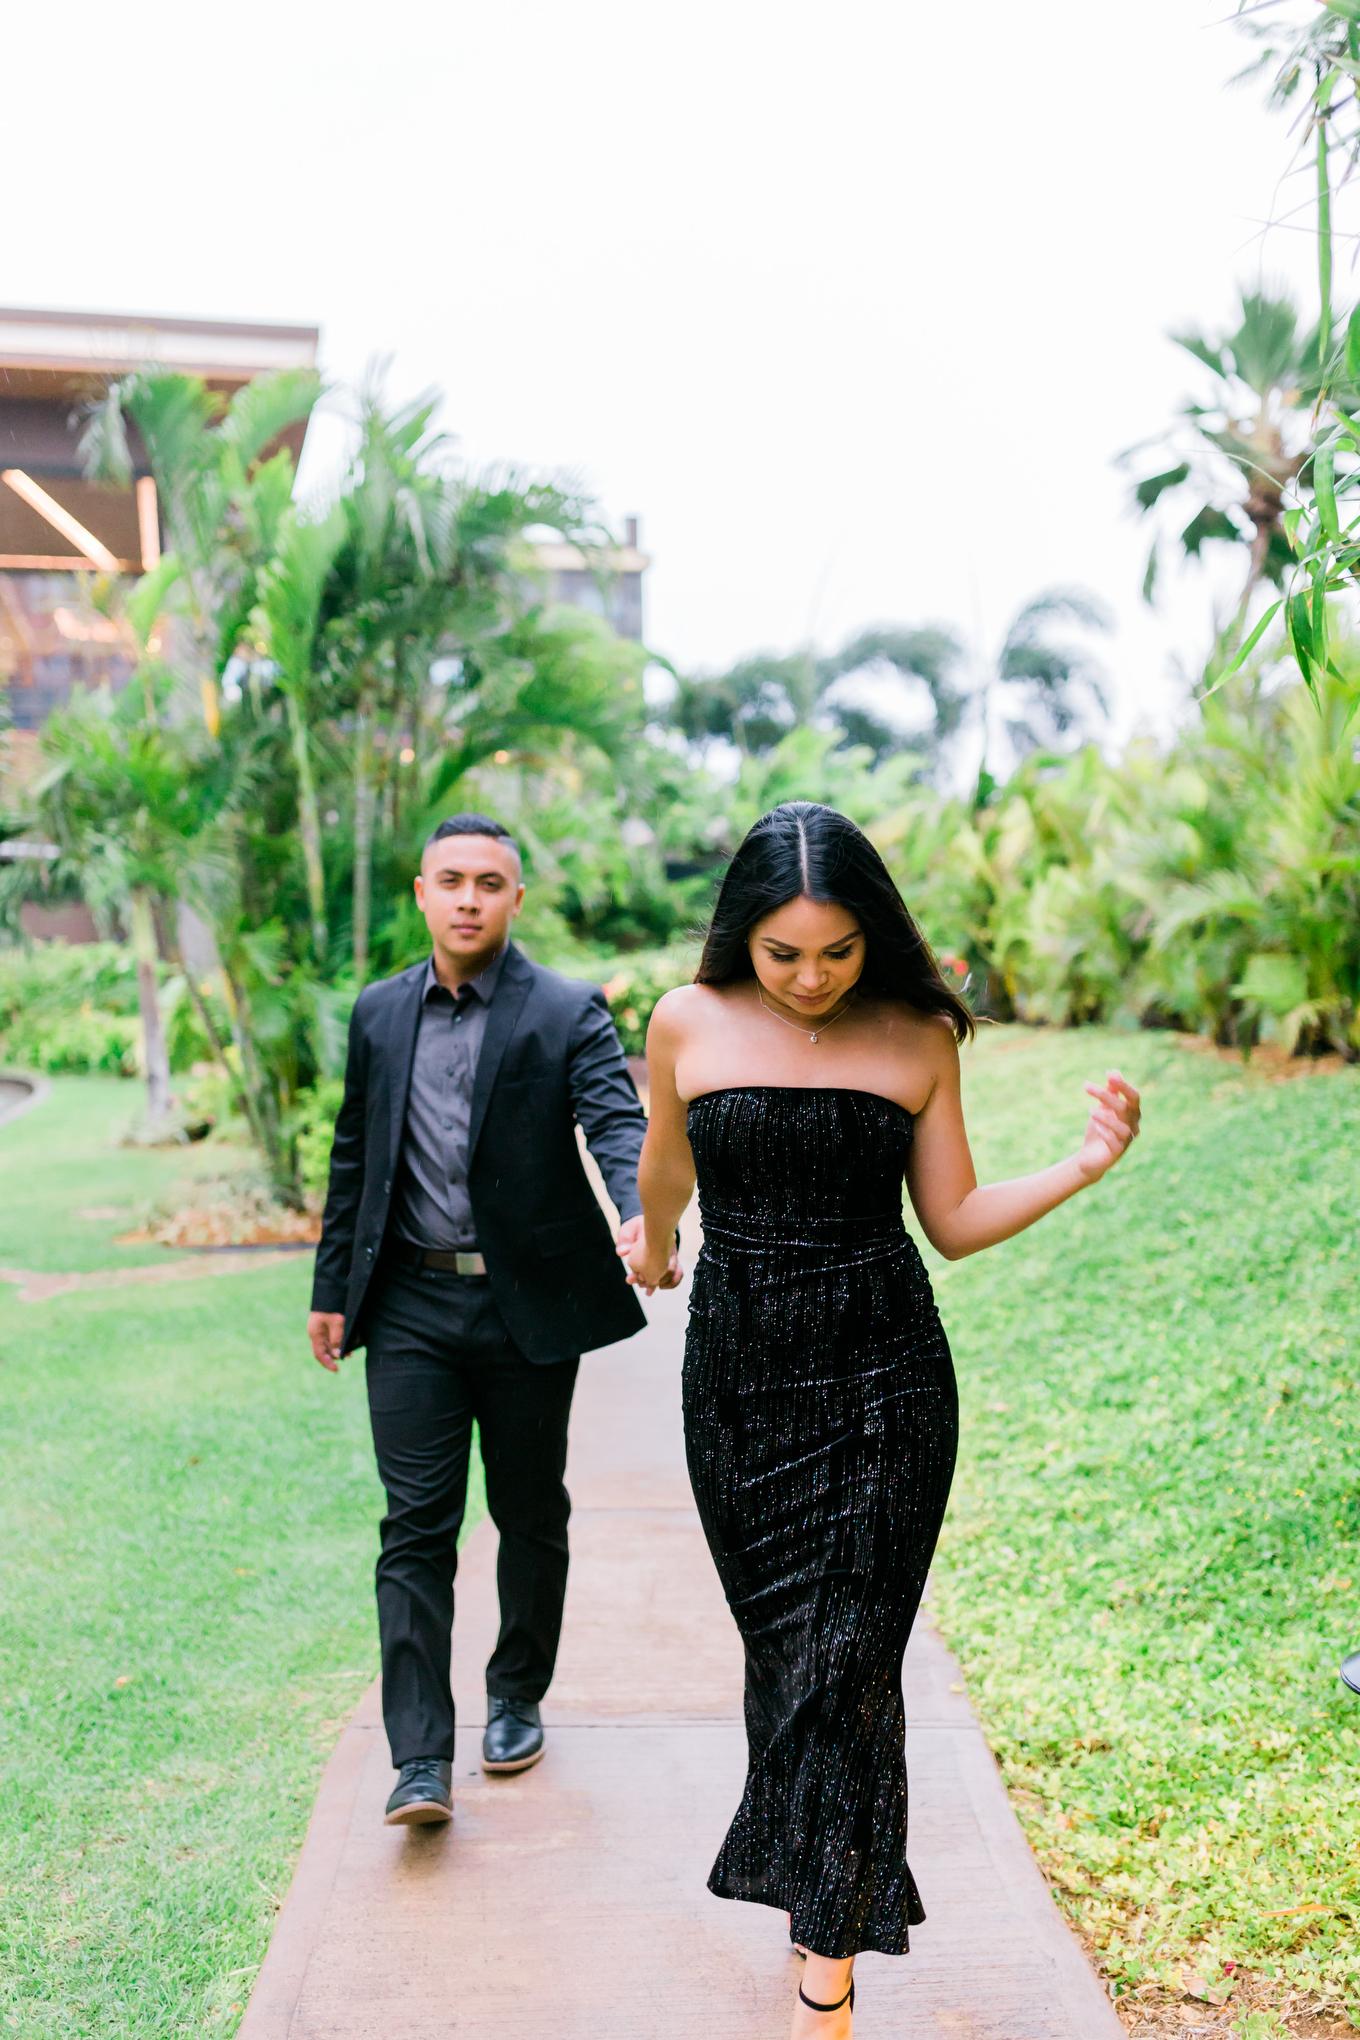 21PIXELS_Guam_Engagement_Photographer458.JPG